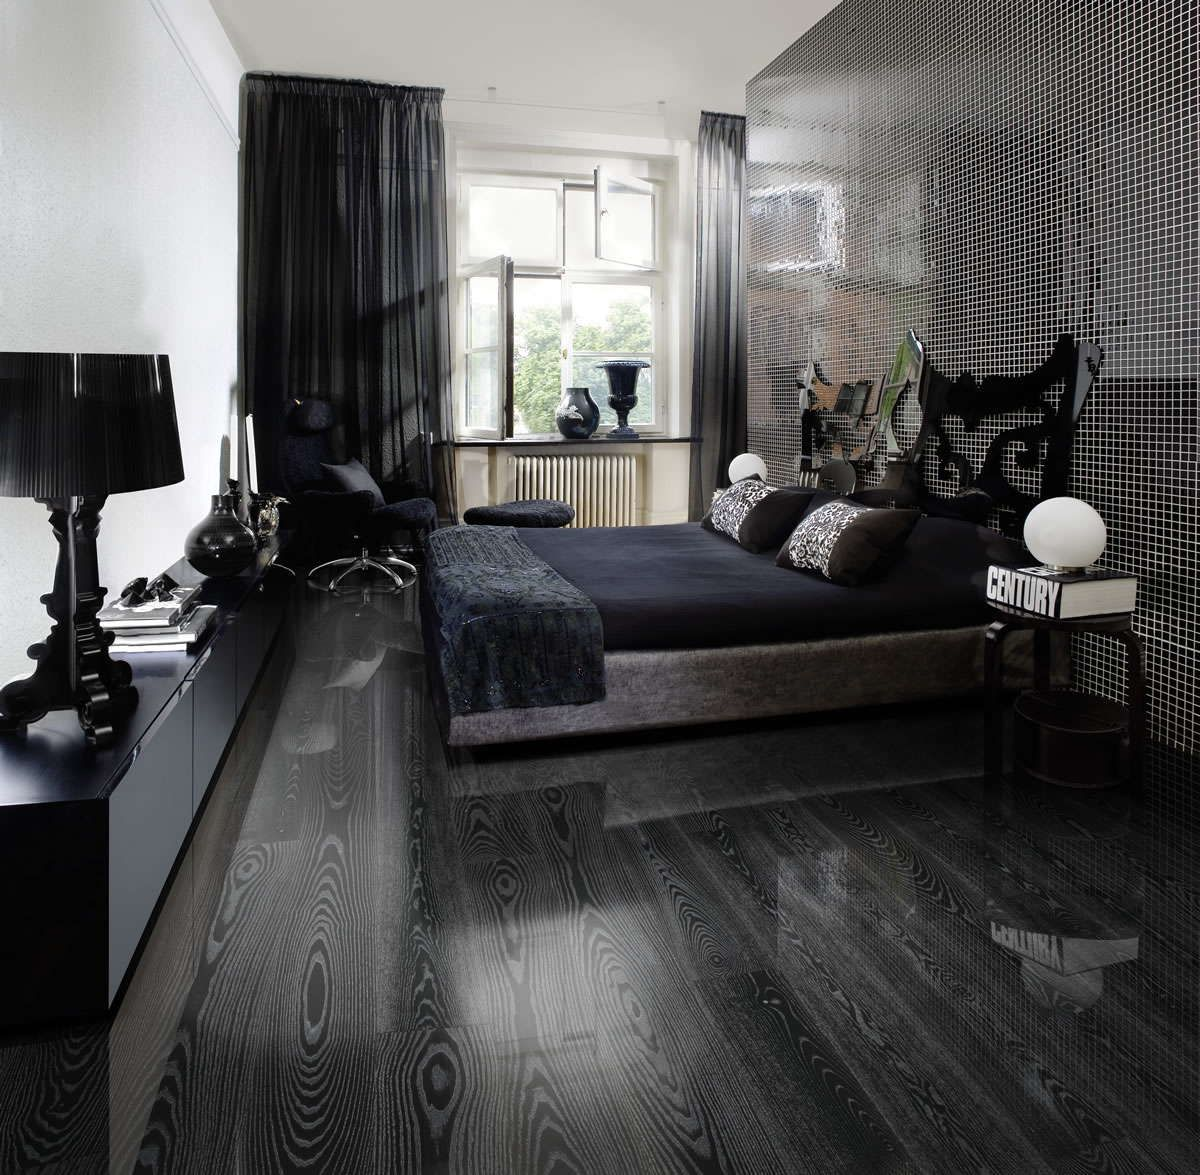 kahrs ash black silver engineered wood flooring - Black Wood Flooring